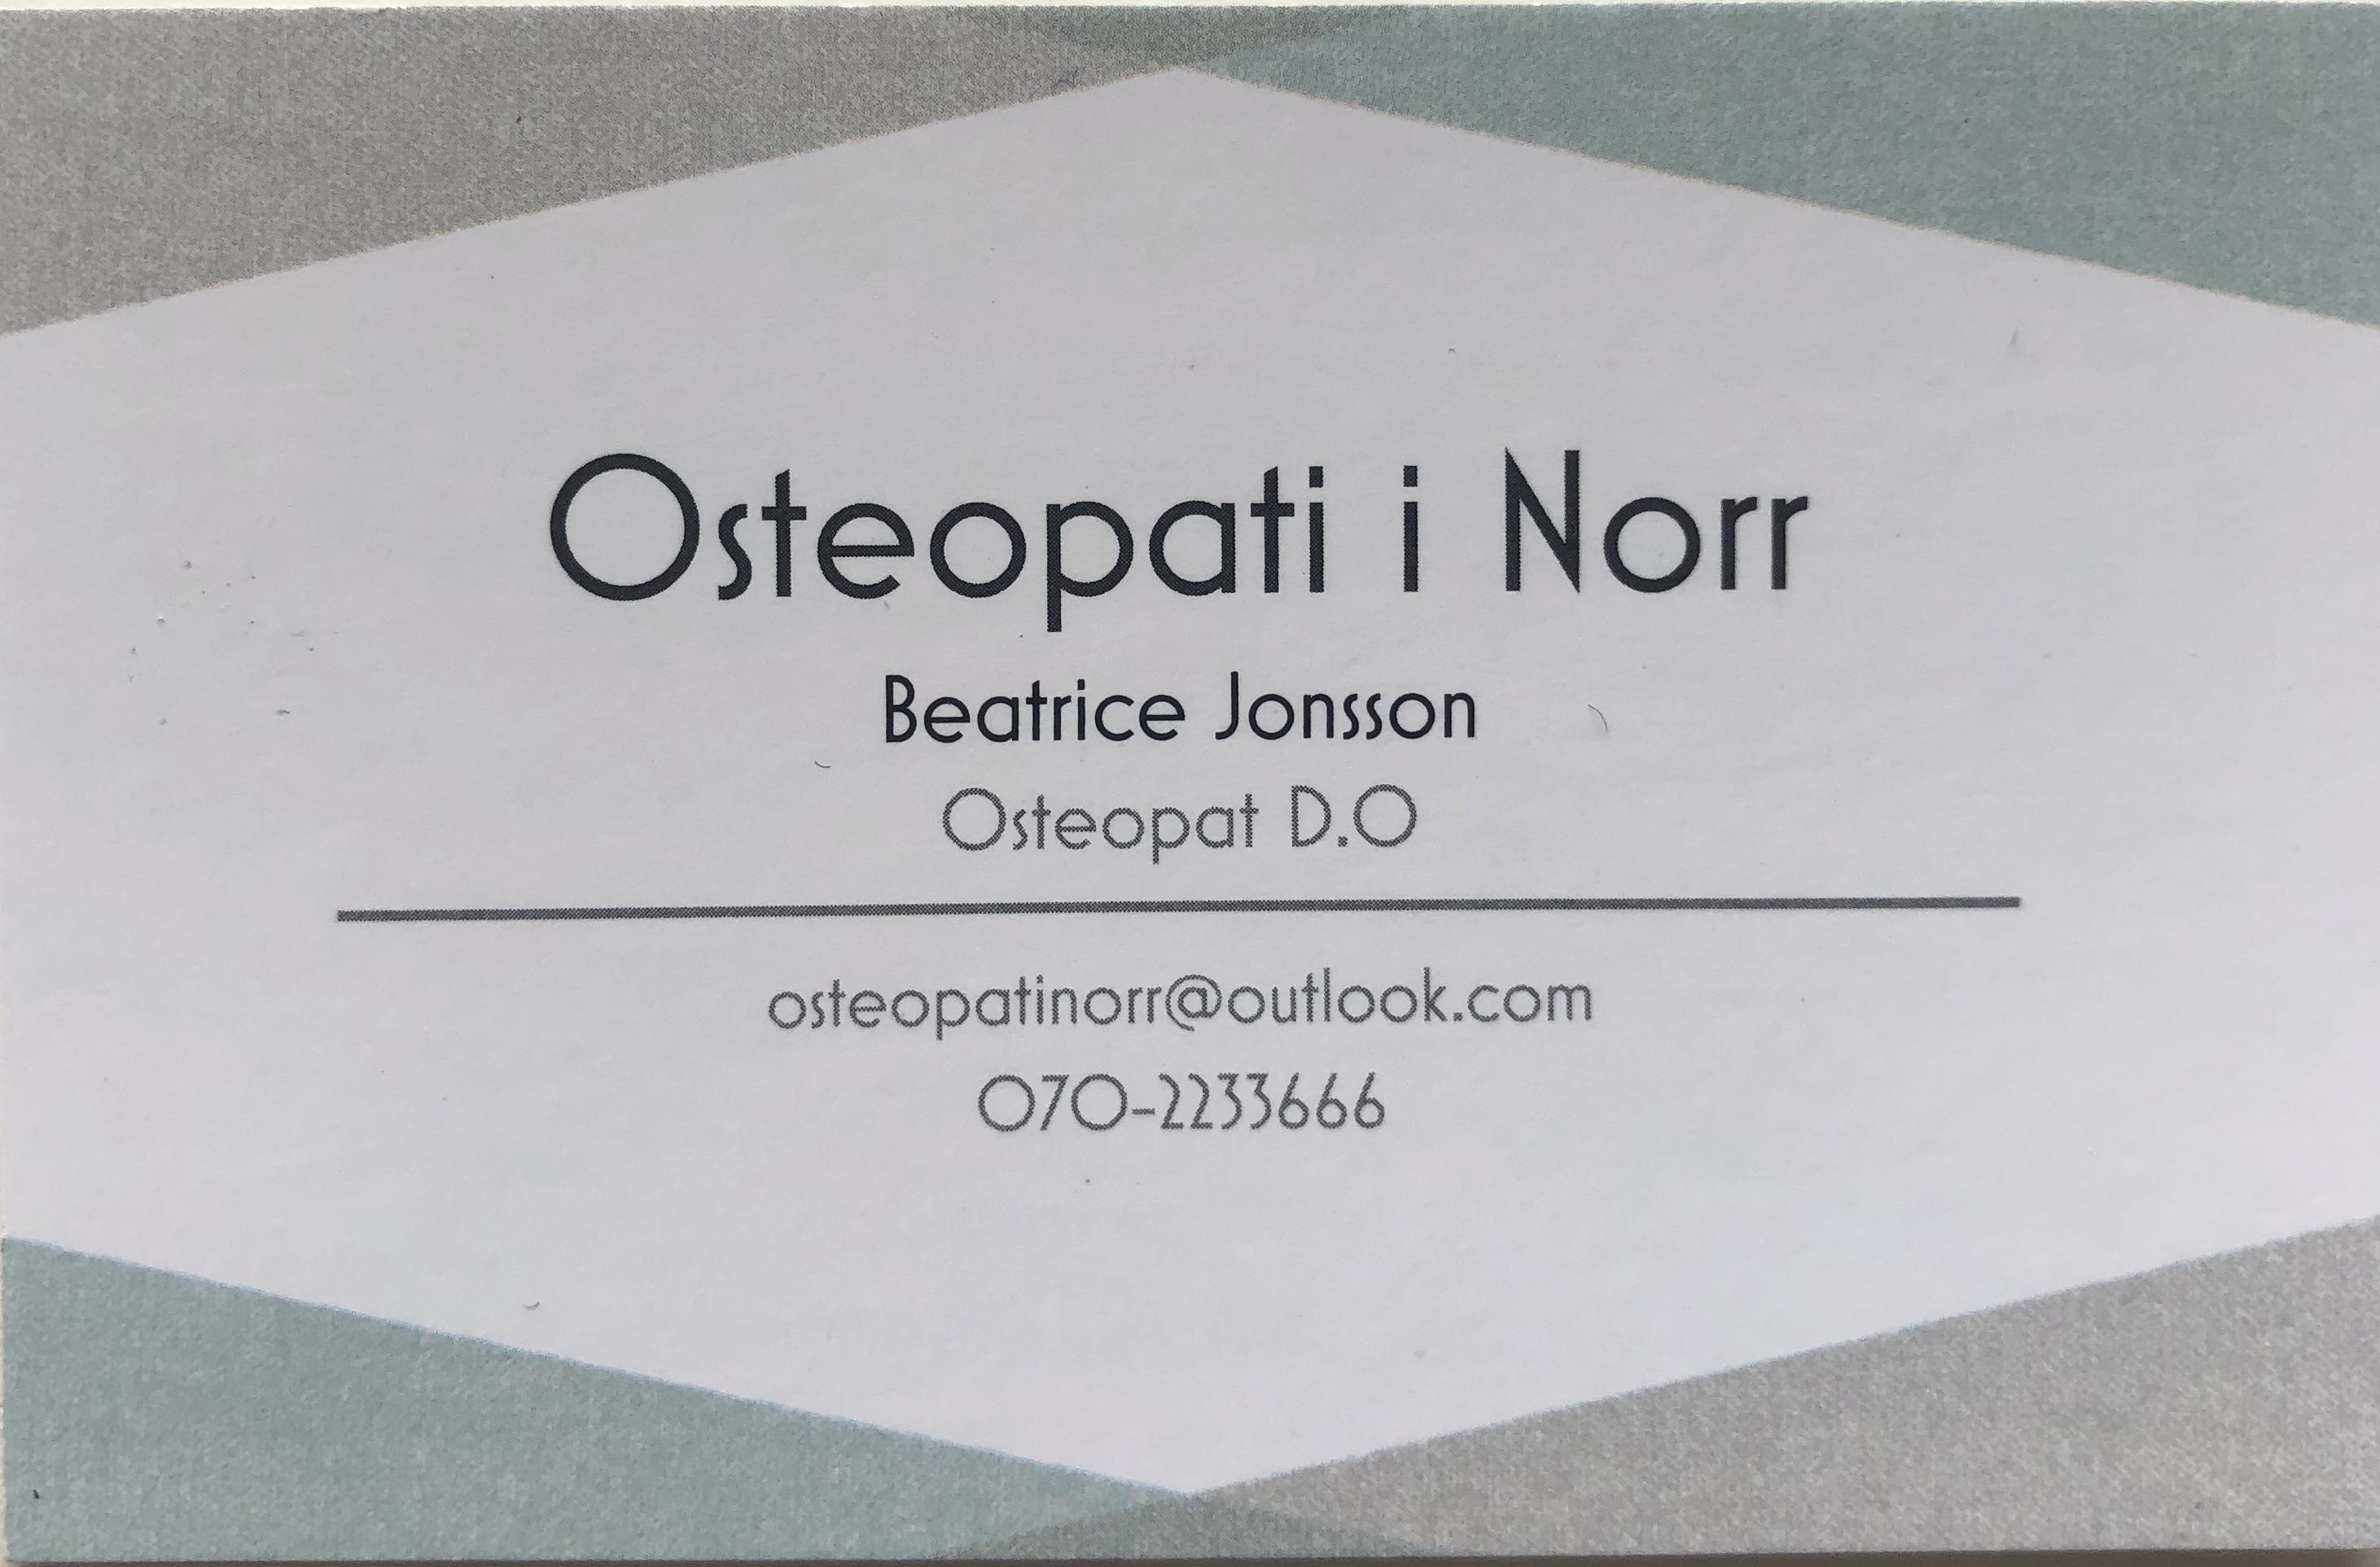 Osteopati i Norr